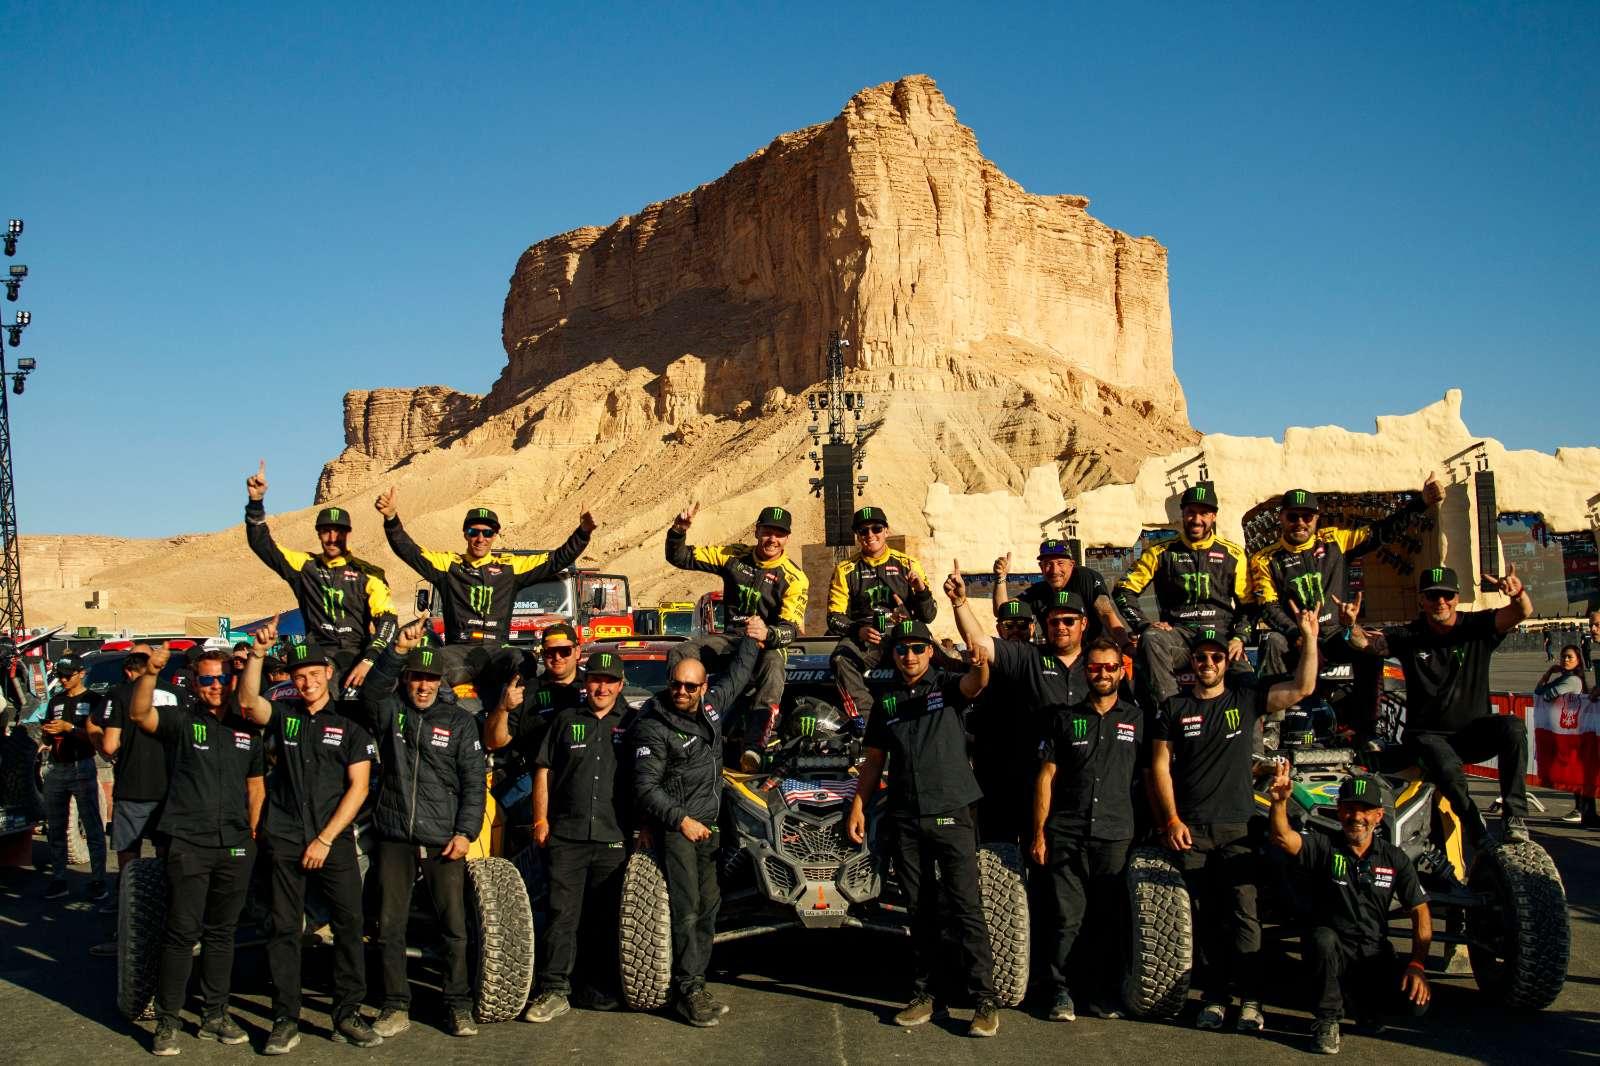 Com Casey Currie/Sean Berriman, Can-Am é campeã dos UTVs no Rally Dakar pelo terceiro ano consecutivo